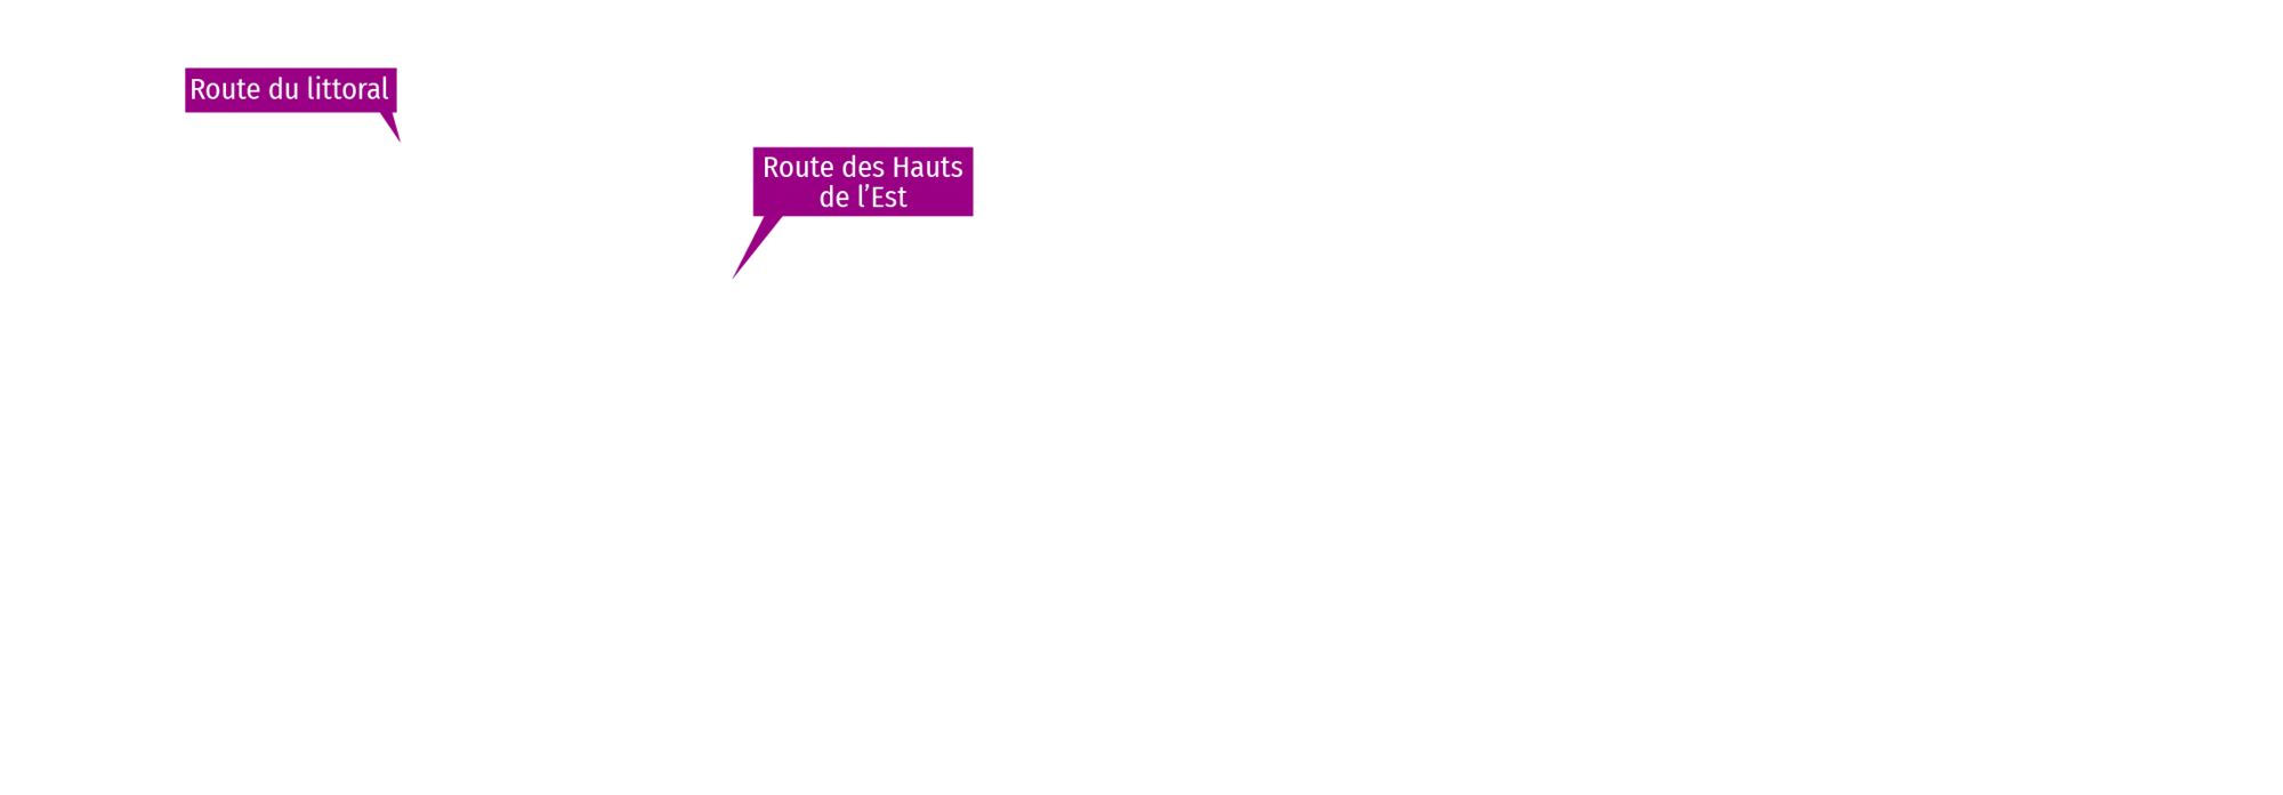 projets de connexion routière texte